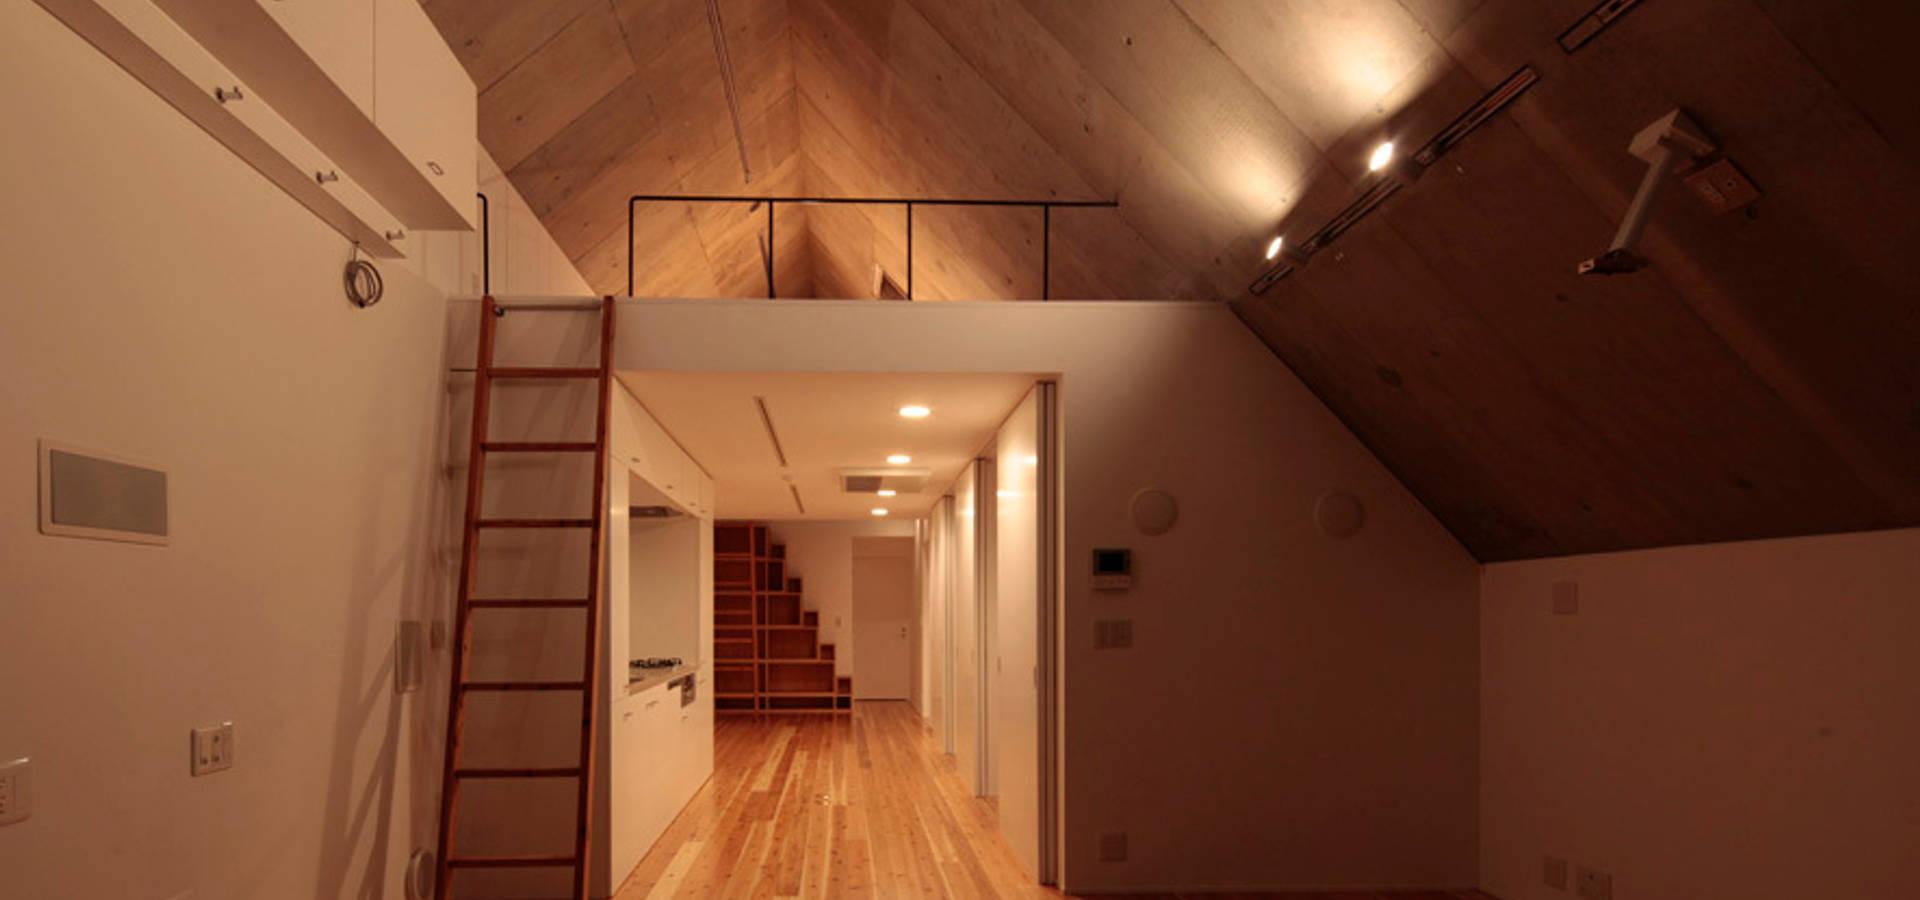 ISSHO Architects